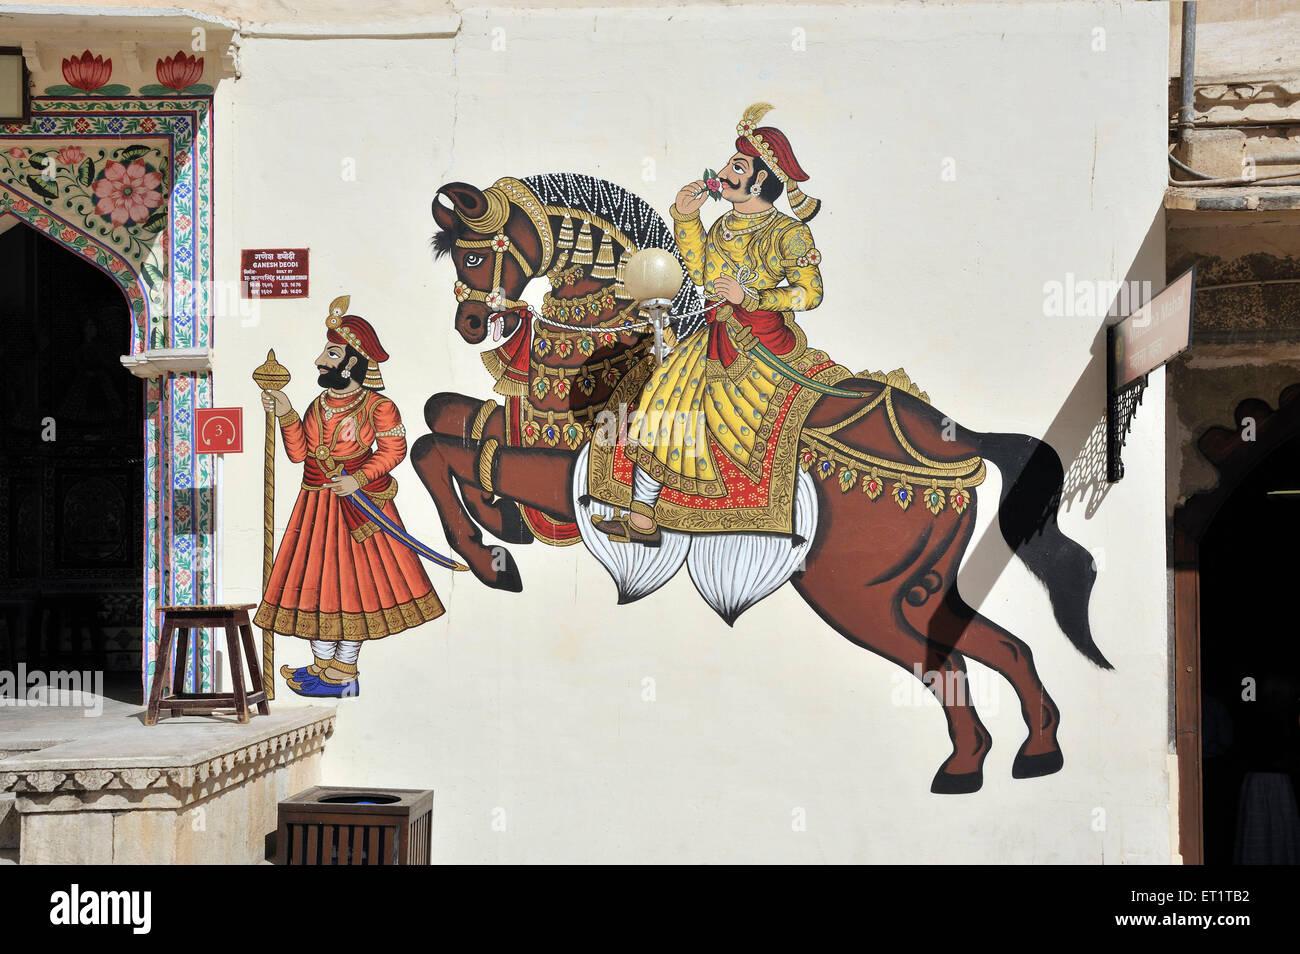 La pintura mural de jinete ciudad museo palacio udaipur Rajastán India Asia Imagen De Stock